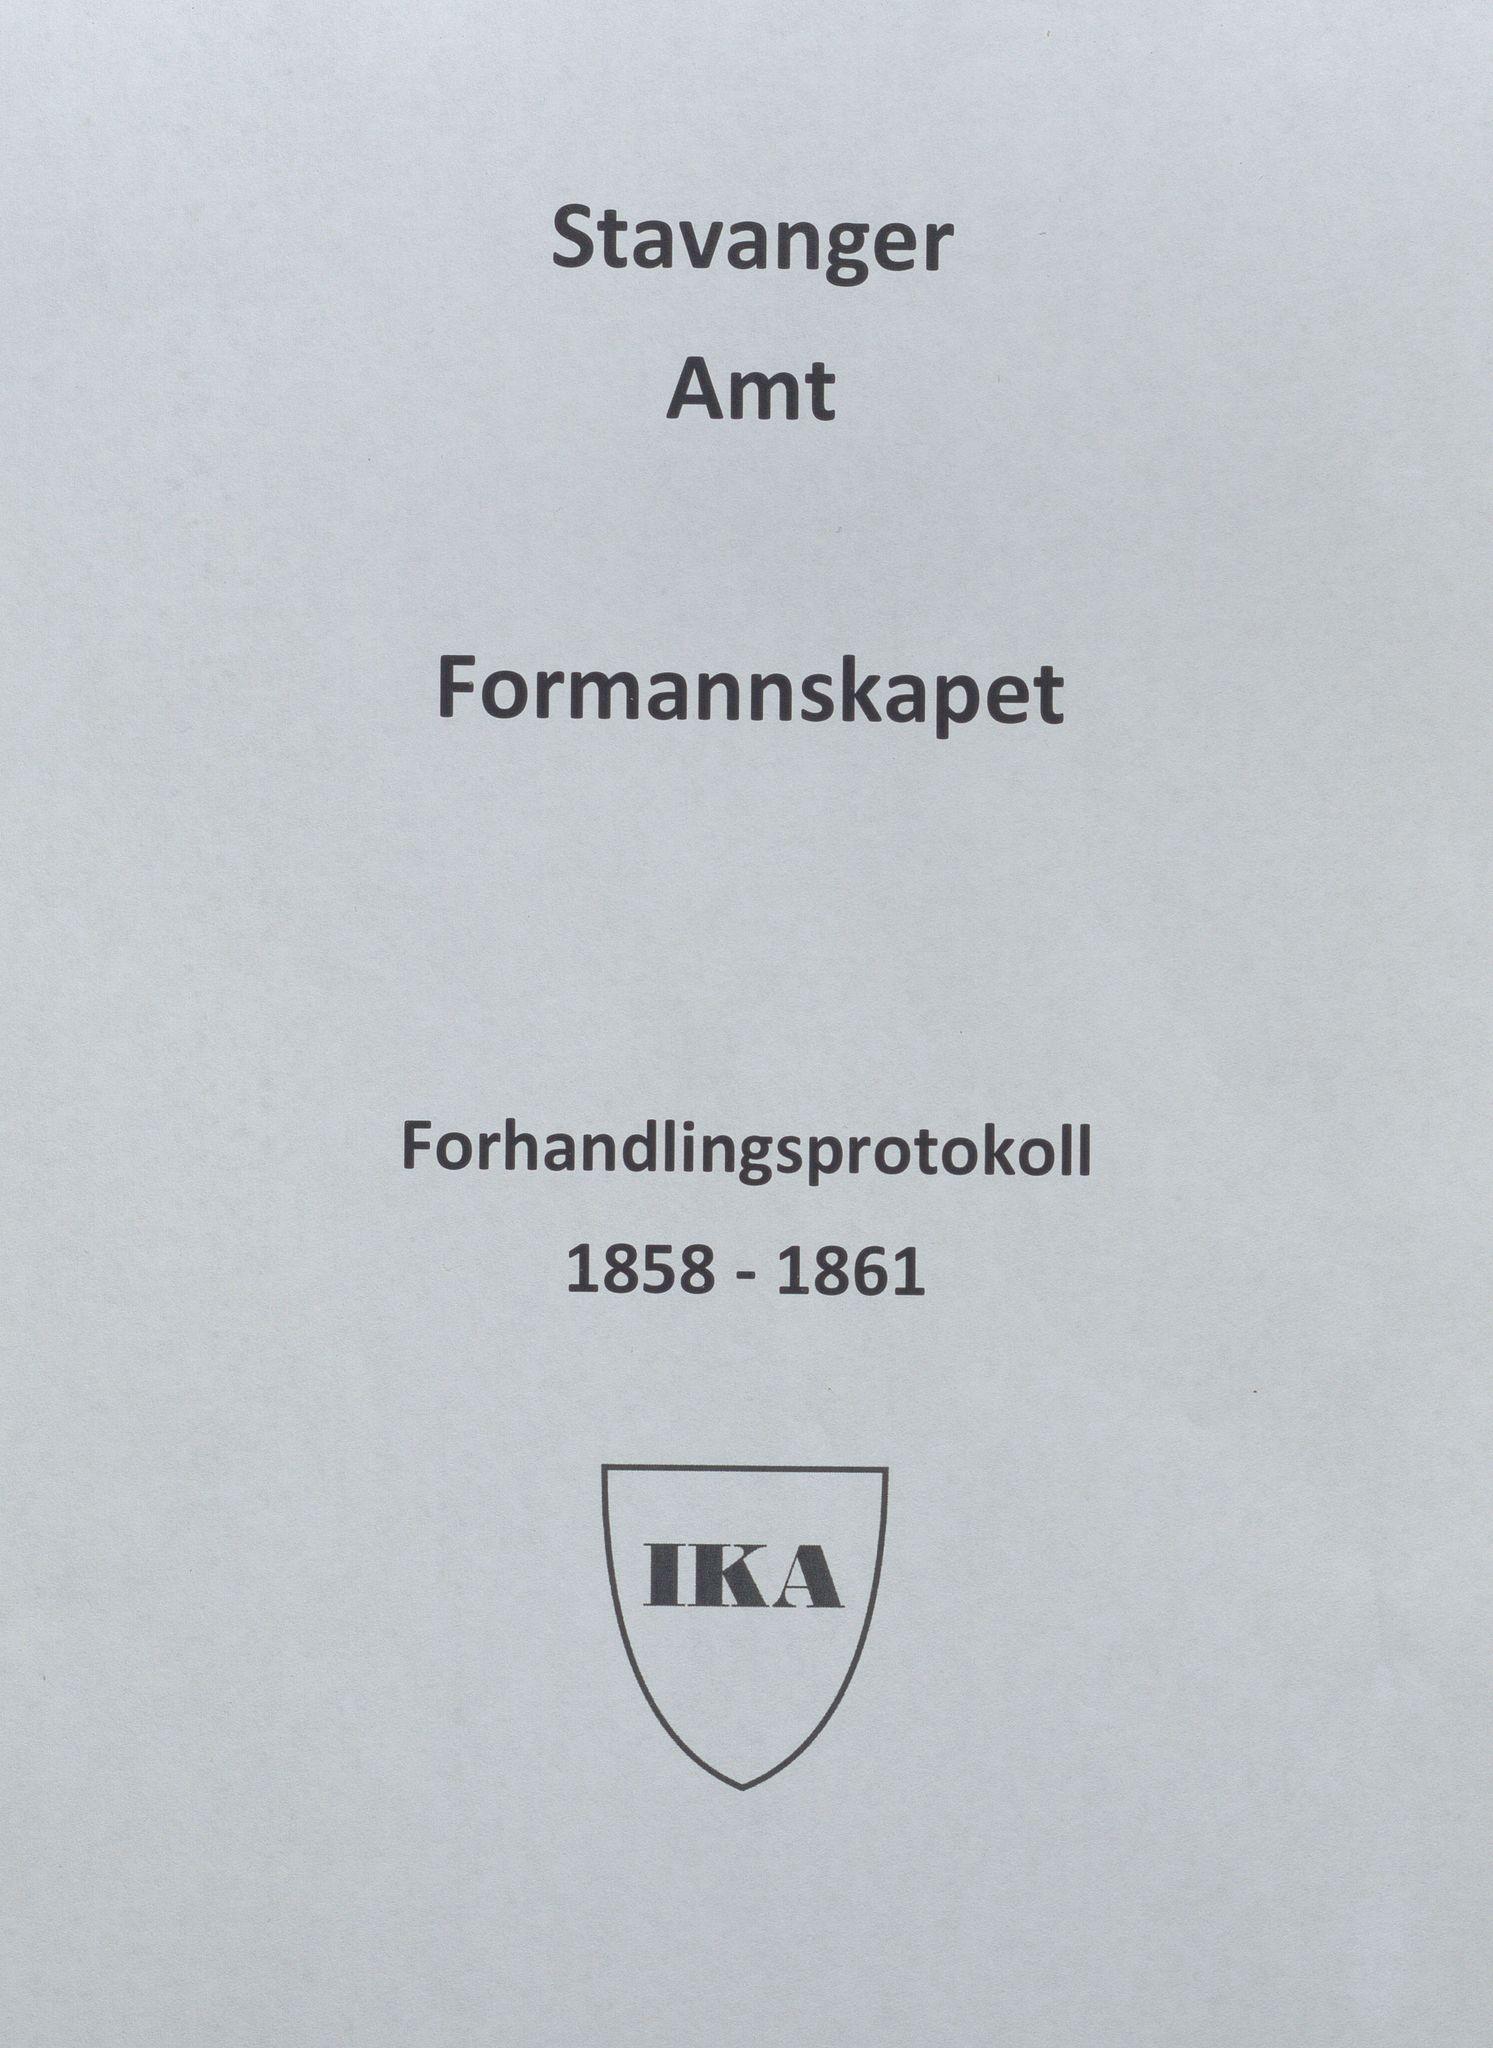 IKAR, Rogaland fylkeskommune - Fylkesrådmannen , A, 1858-1861